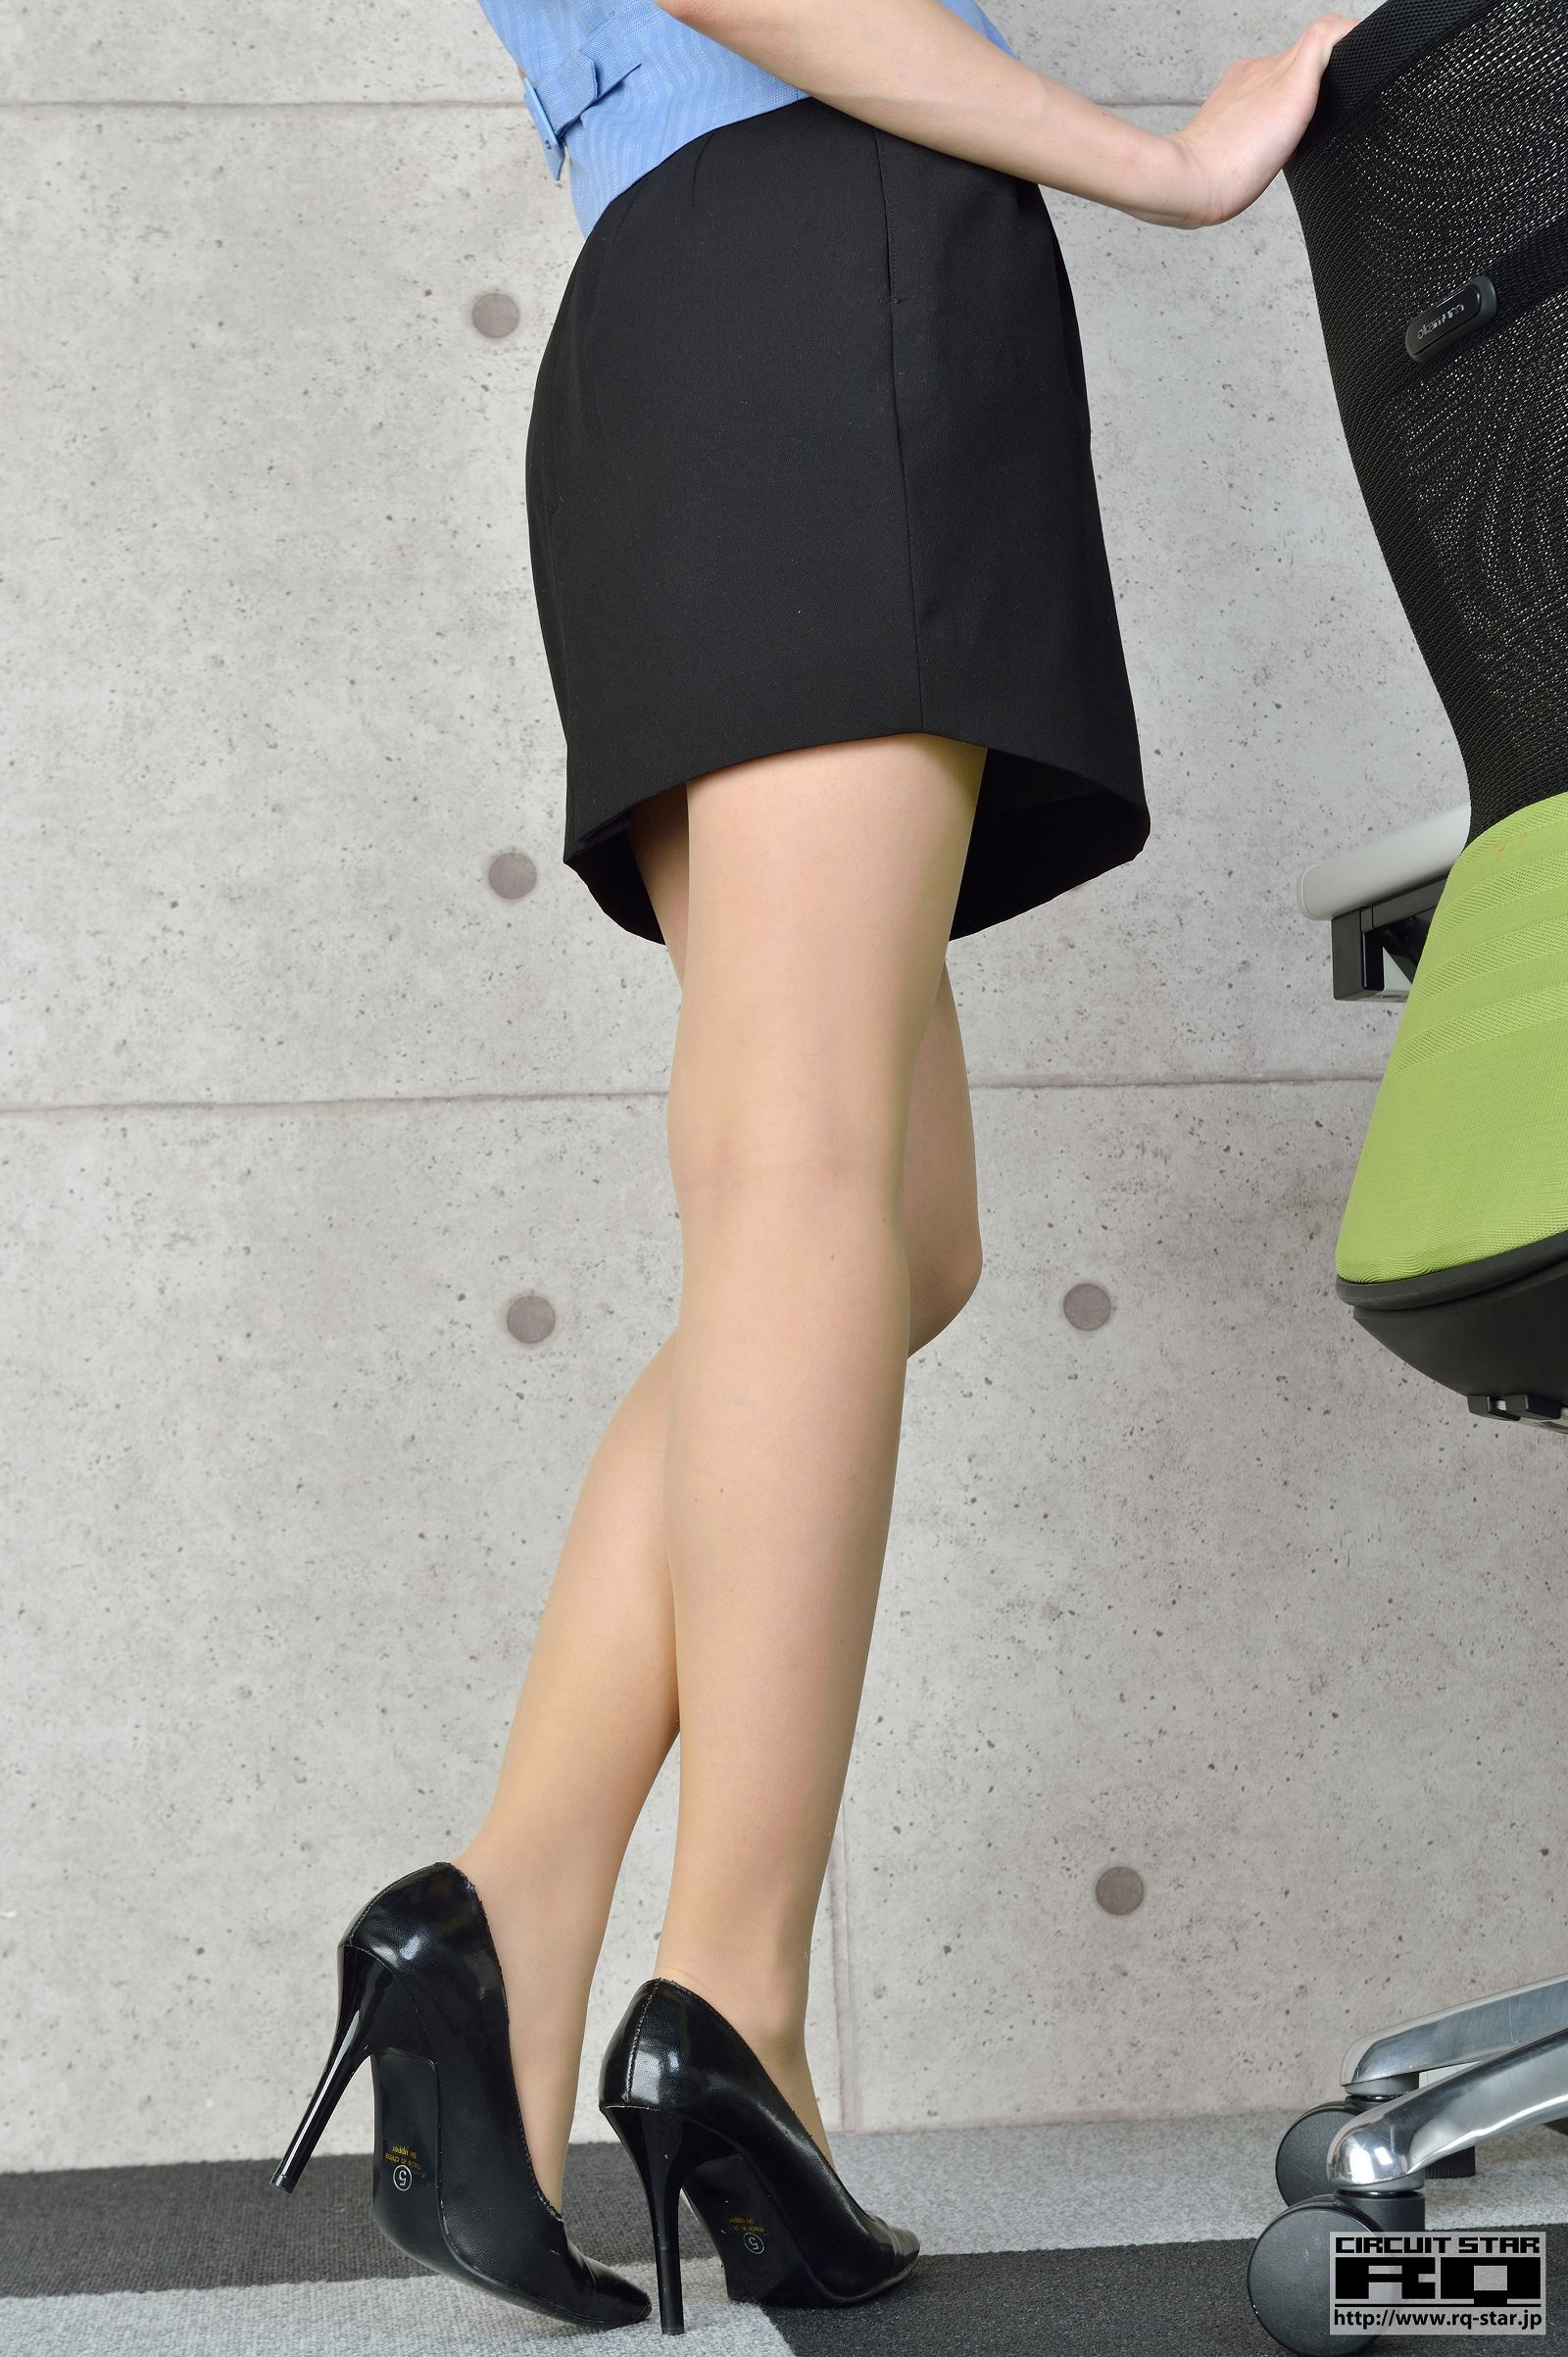 [RQ STAR美女] NO.00778 MOE Office Lady[60P] RQ STAR 第2张